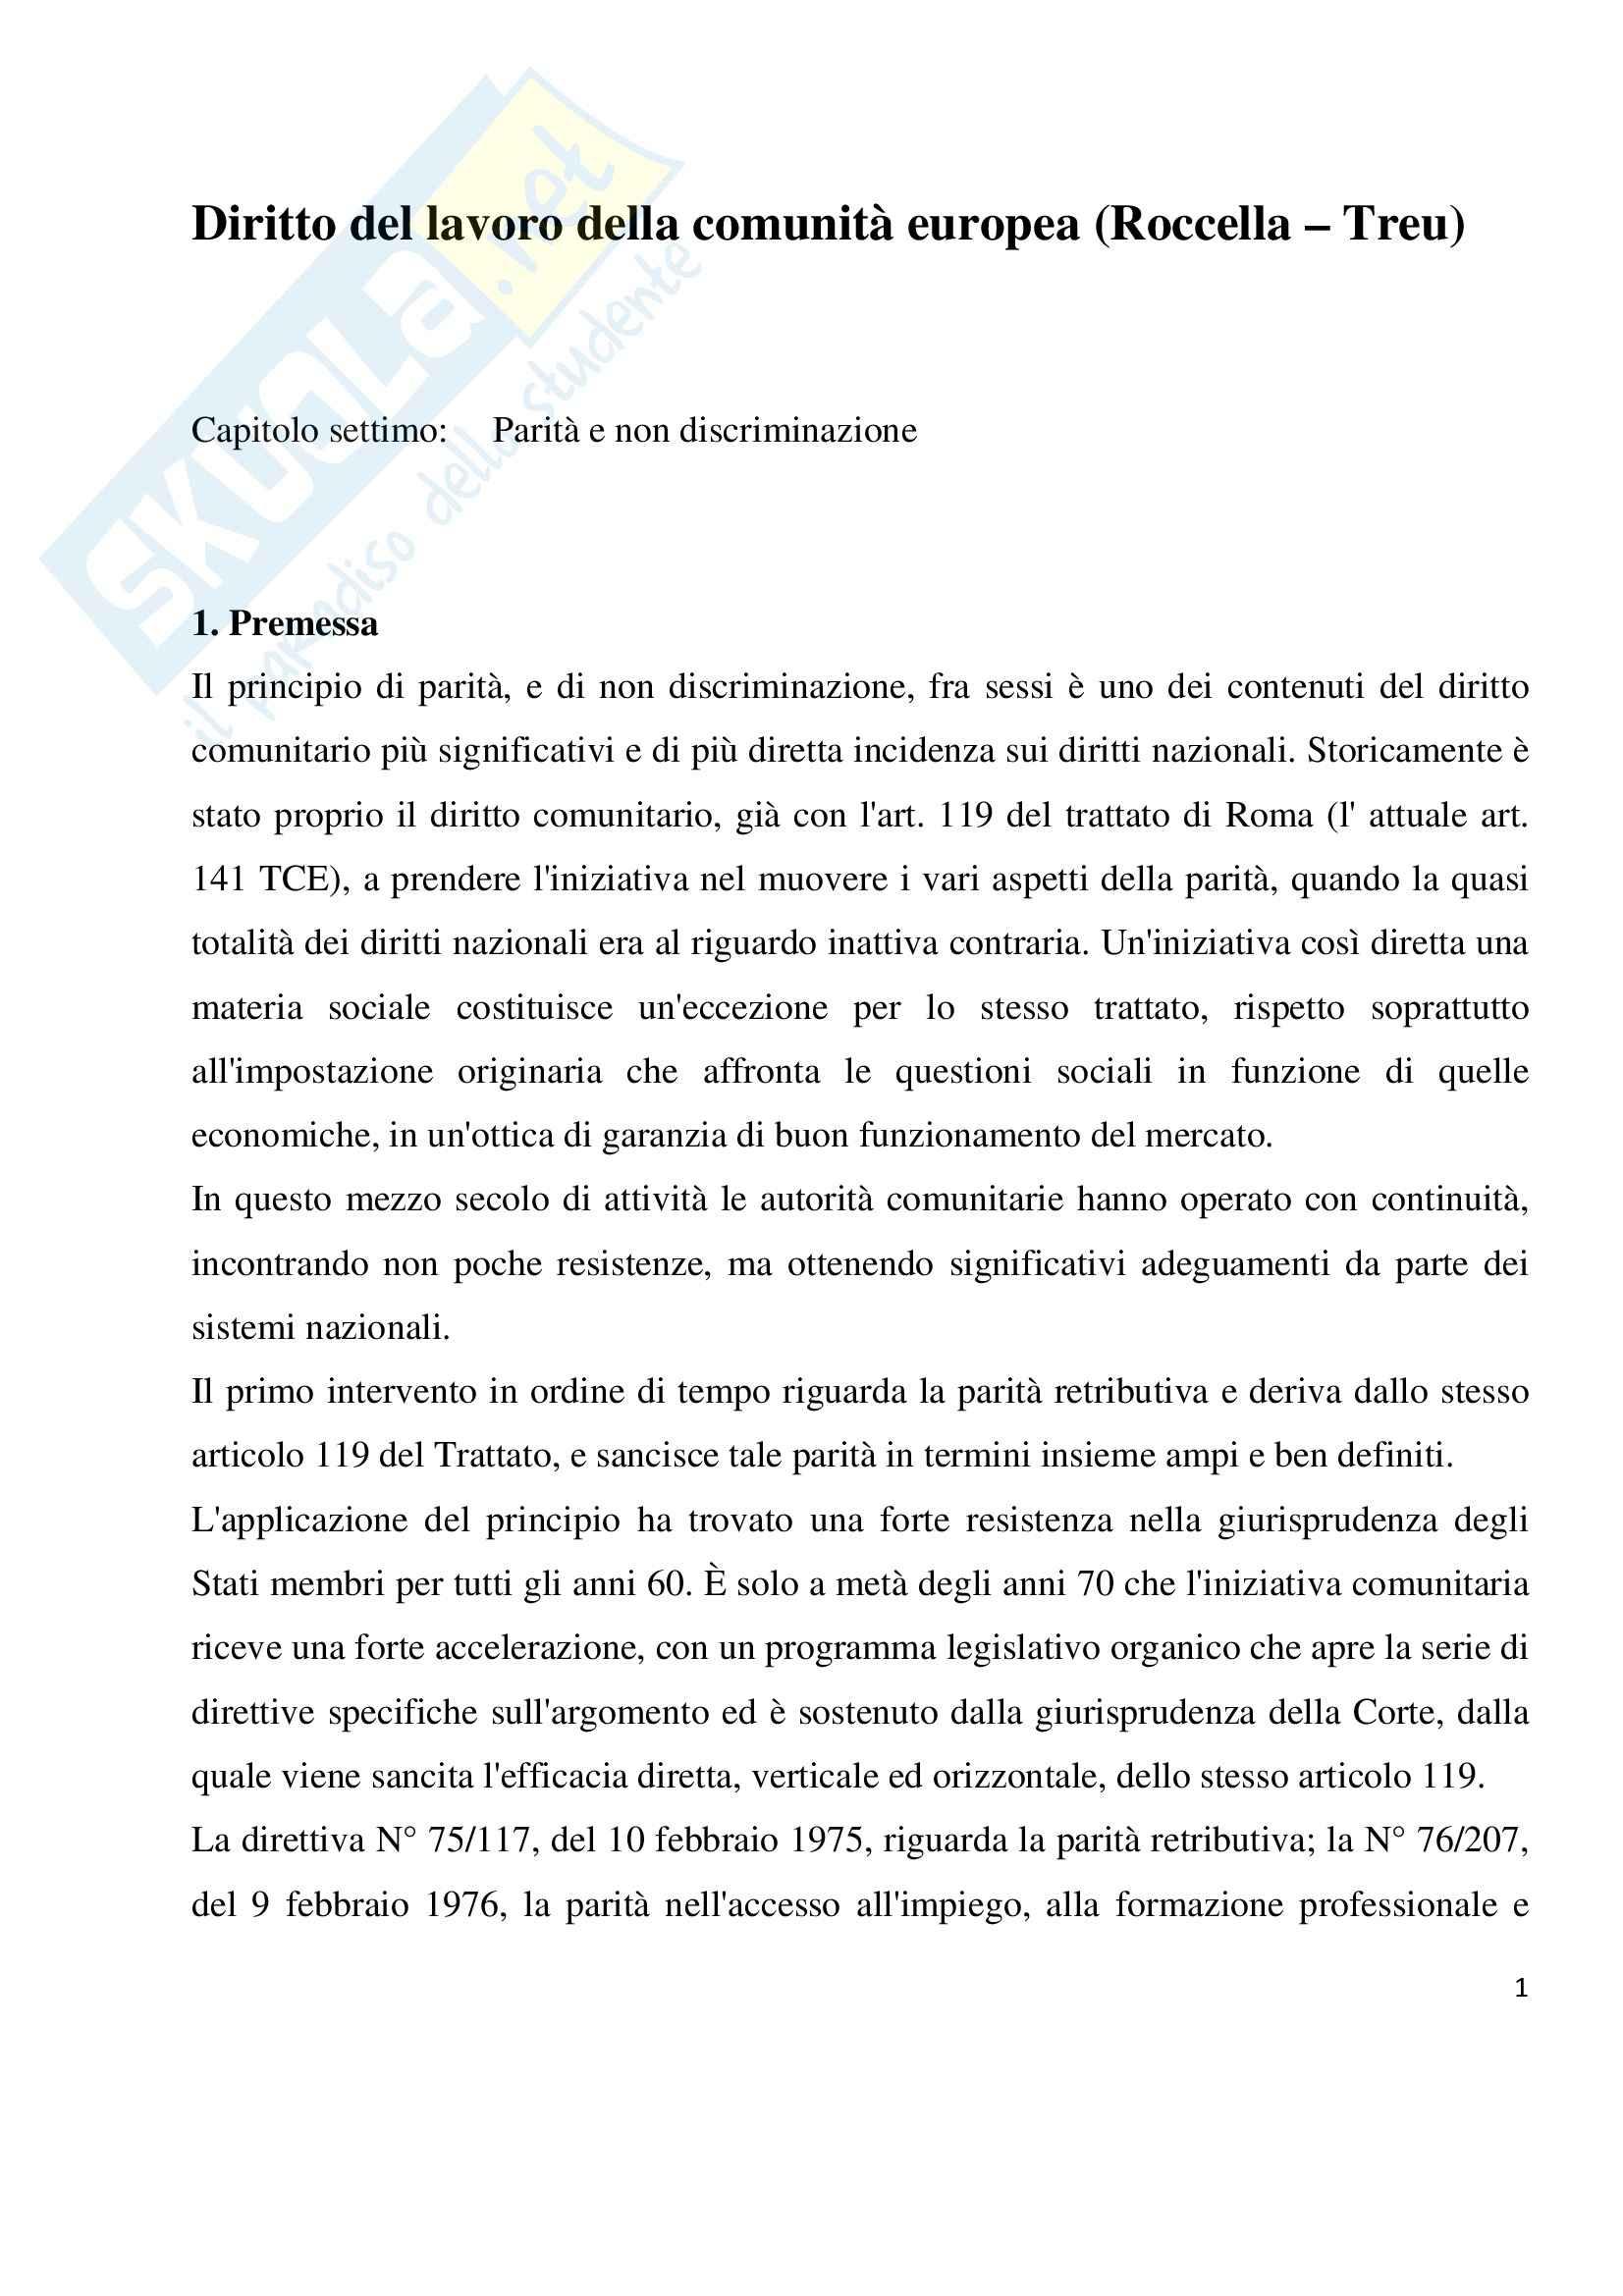 Diritto del lavoro della Comunità europea, Roccella, Treu - Appunti